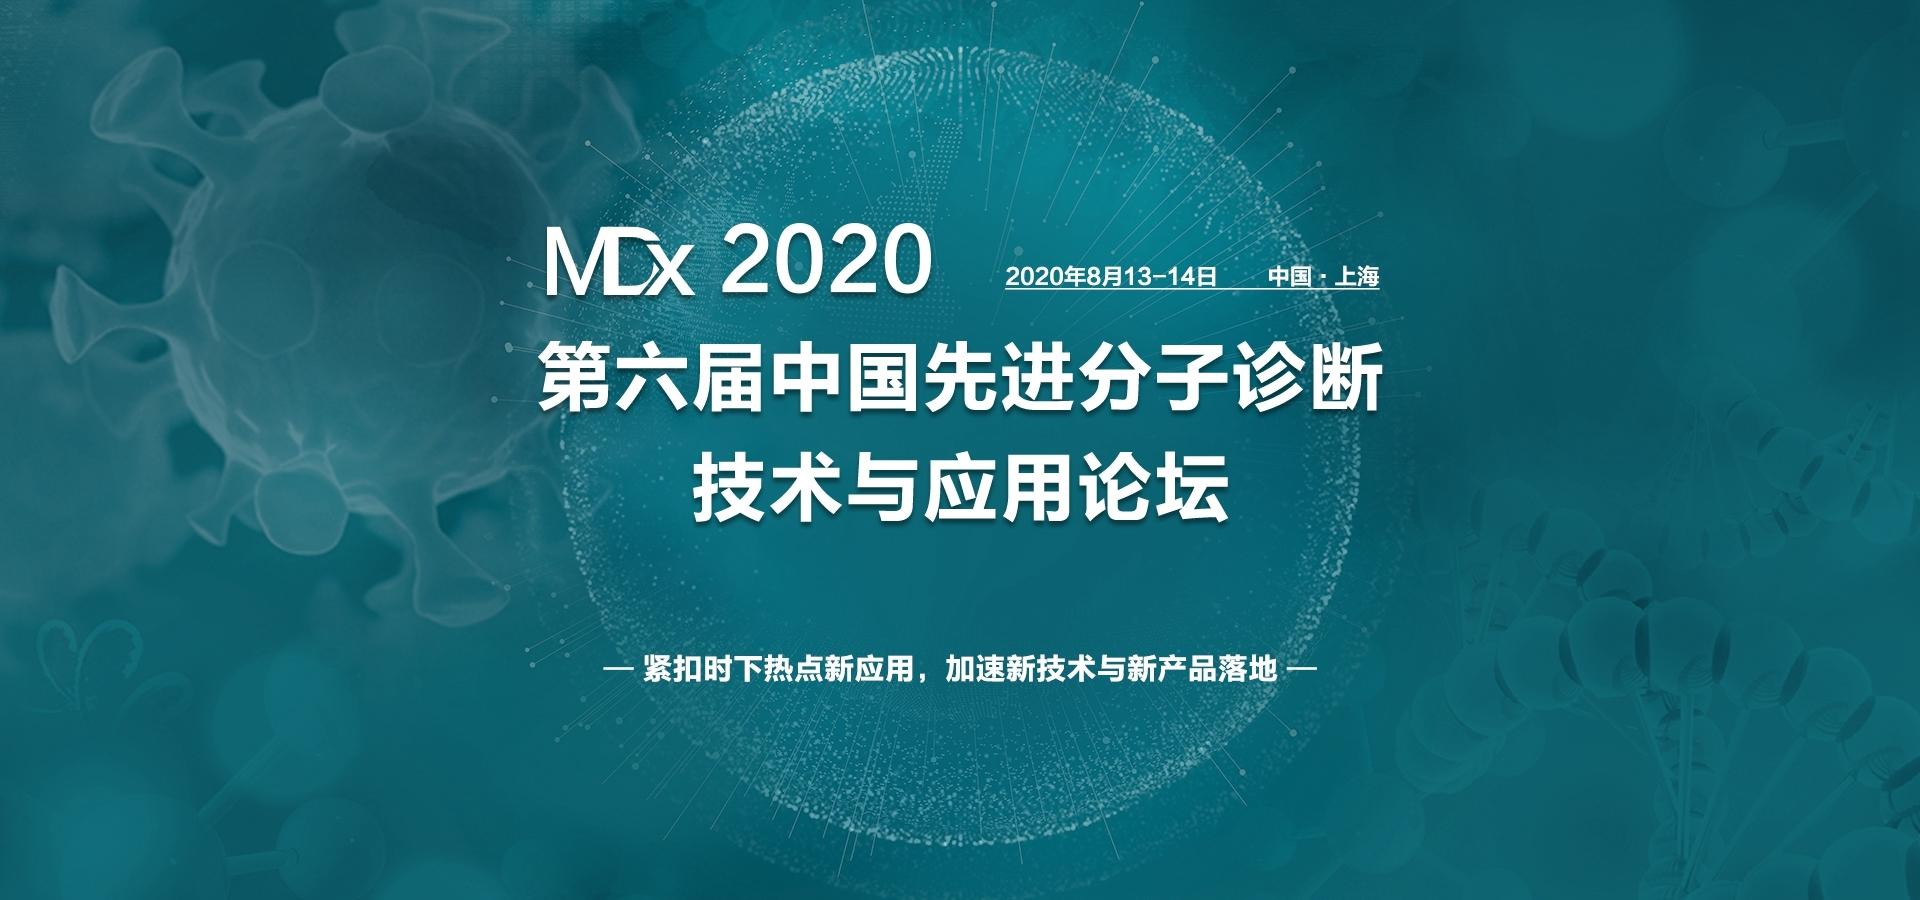 第六届中国先进分子诊断技术与应用论坛